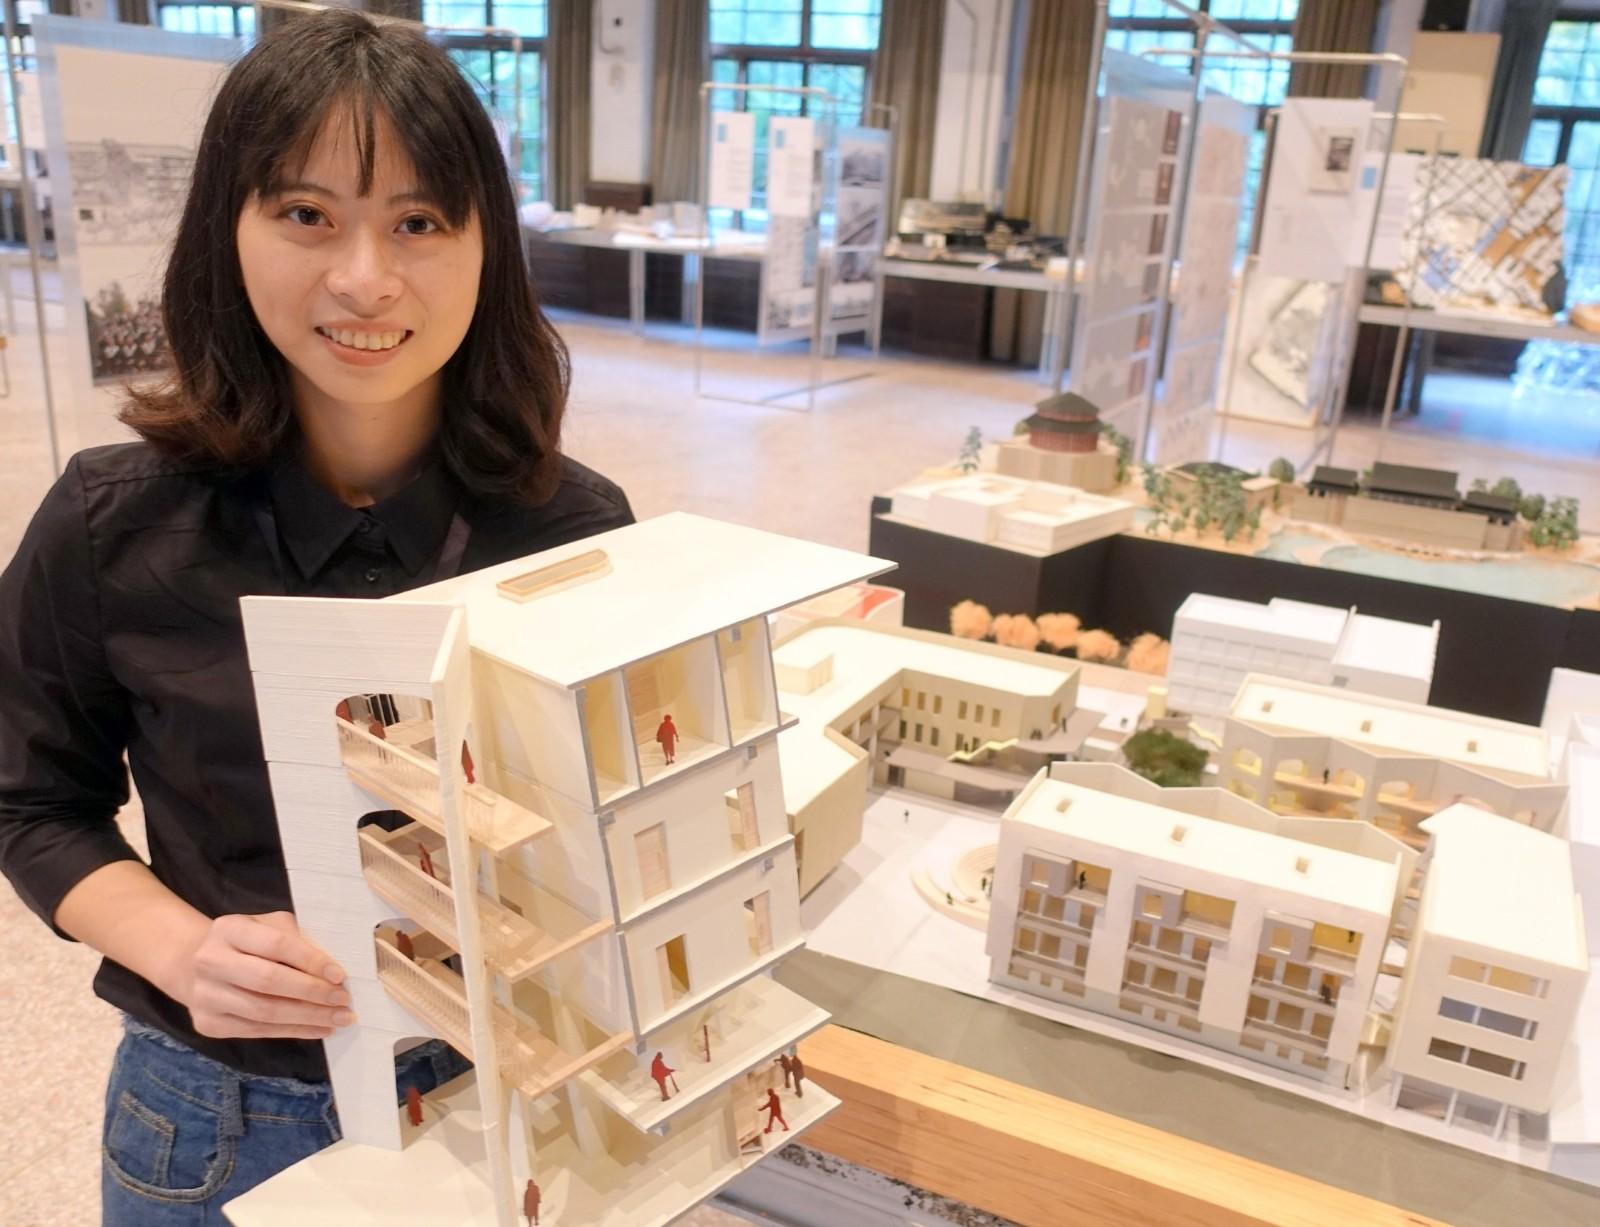 家住中壢的陳珍順以「失智,不失所」為主題,希望以建築專業讓失智症照護社區化、自立化.JPG